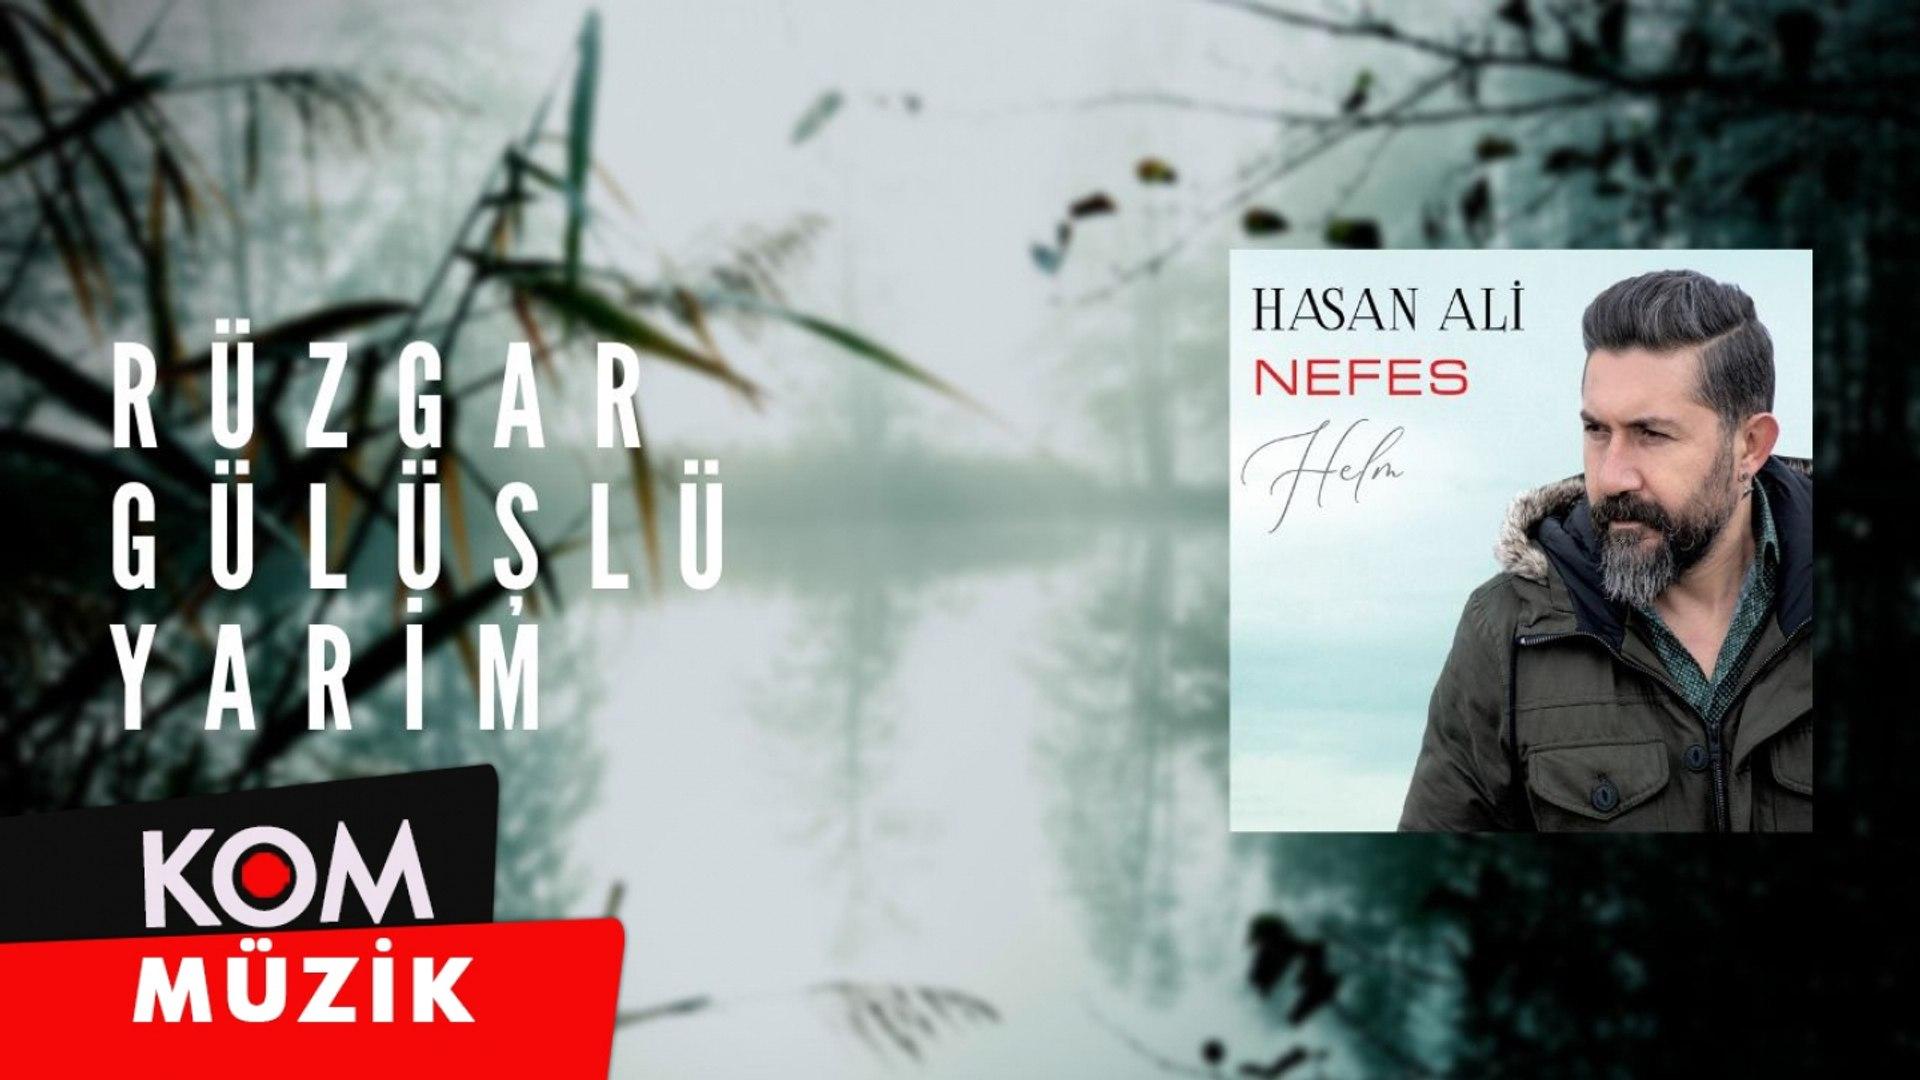 Hasan Ali - Rüzgar Gülüşlü Yarim (2020 © Kom Müzik)